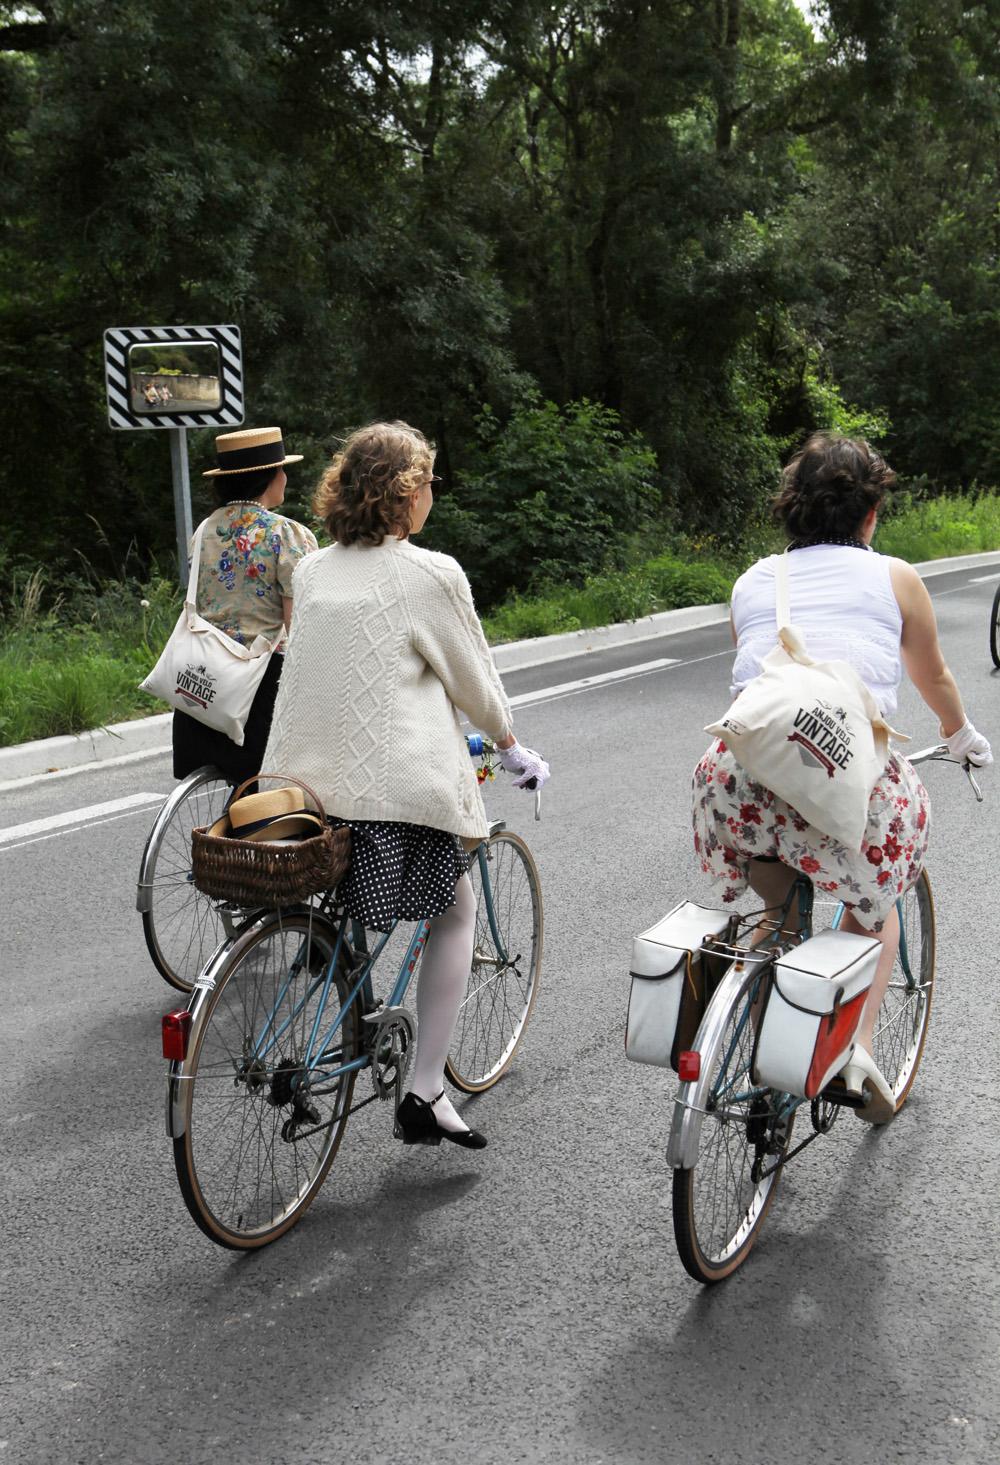 Anjou-Velo-Vintage-Saumur-France-Bike-Fashion-Bike-Pretty-Photos-Kelly-Miller-9